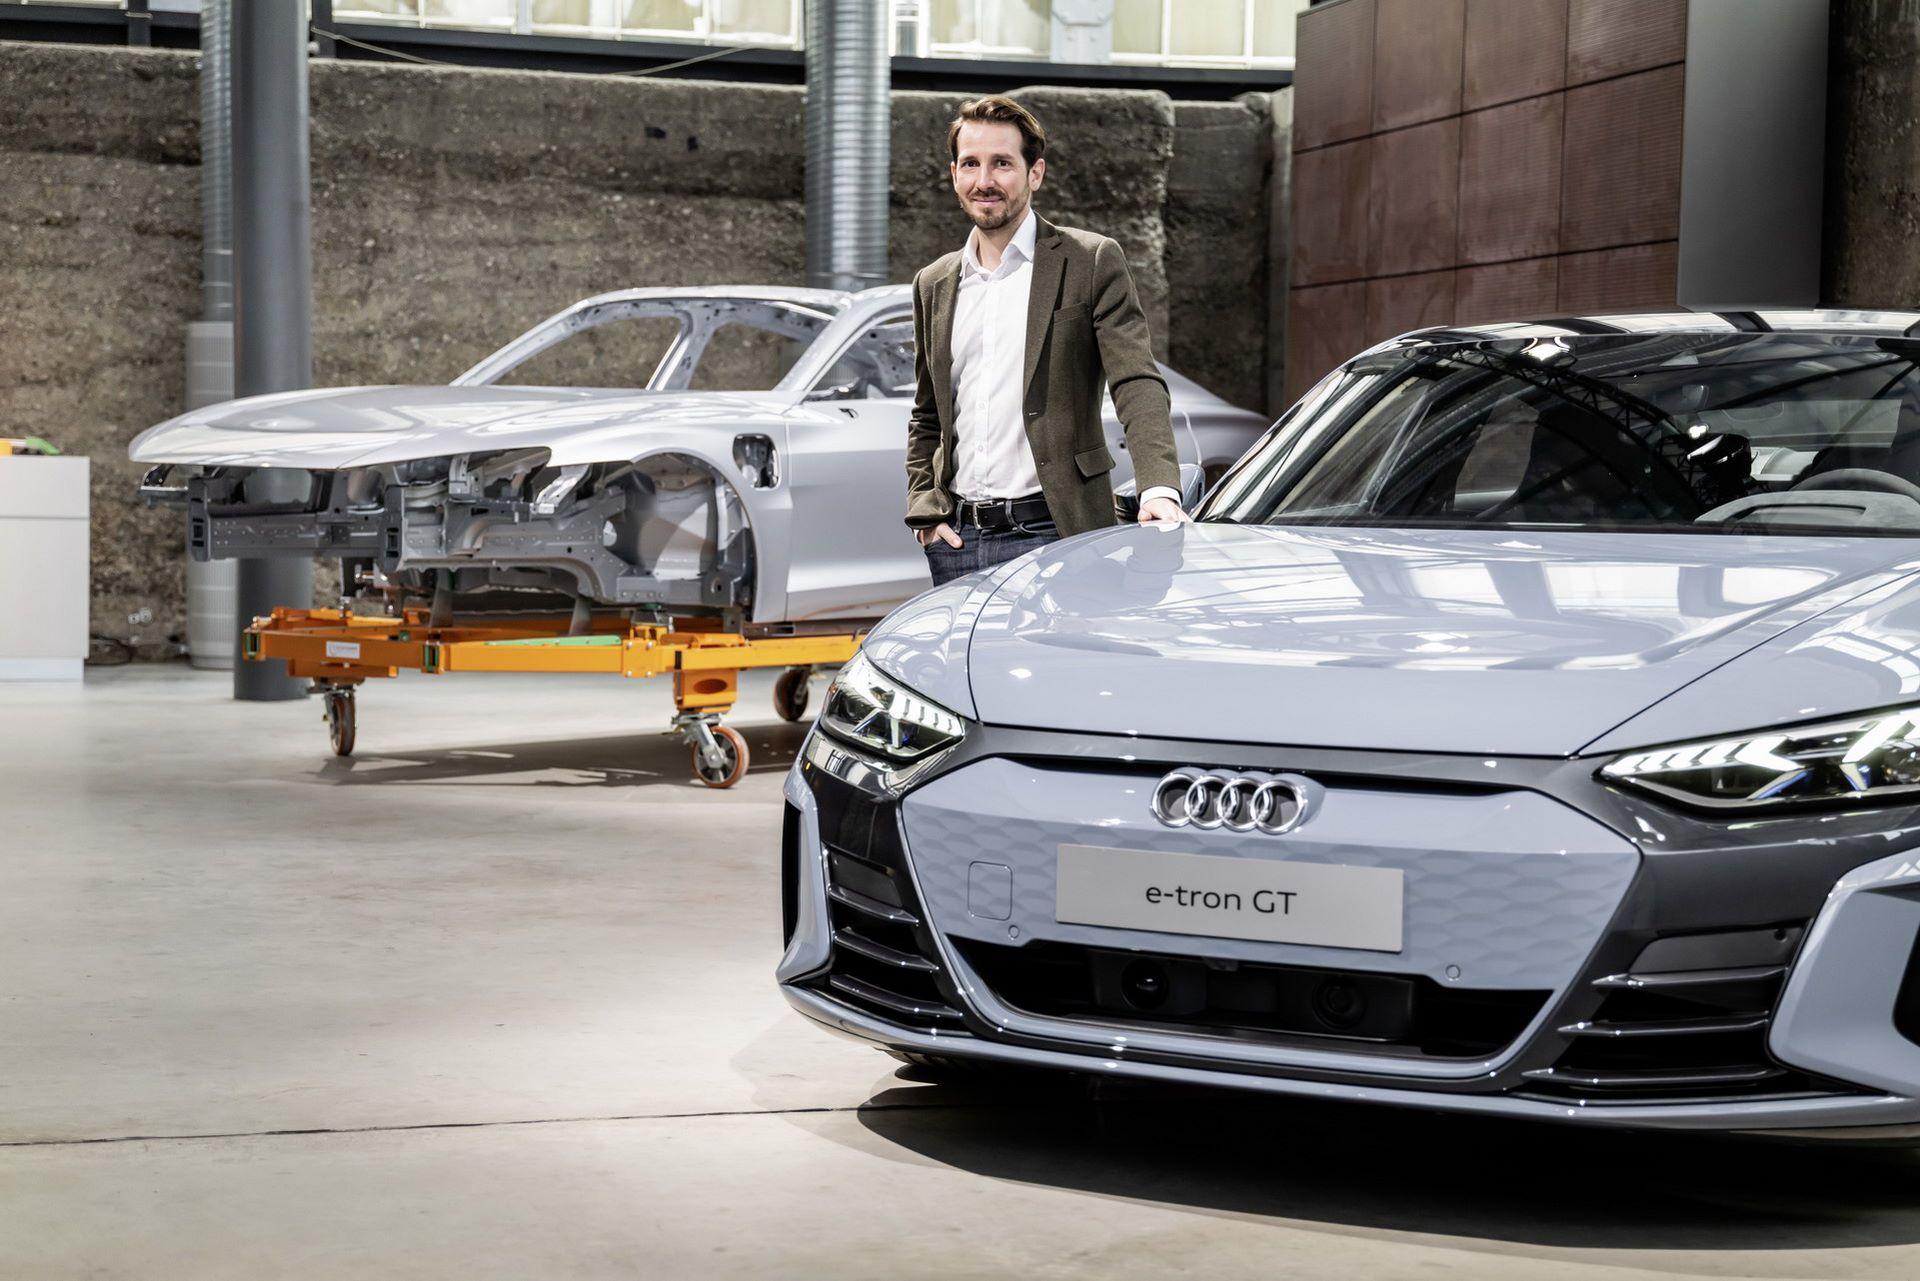 2022-Audi-e-tron-GT-plant-1